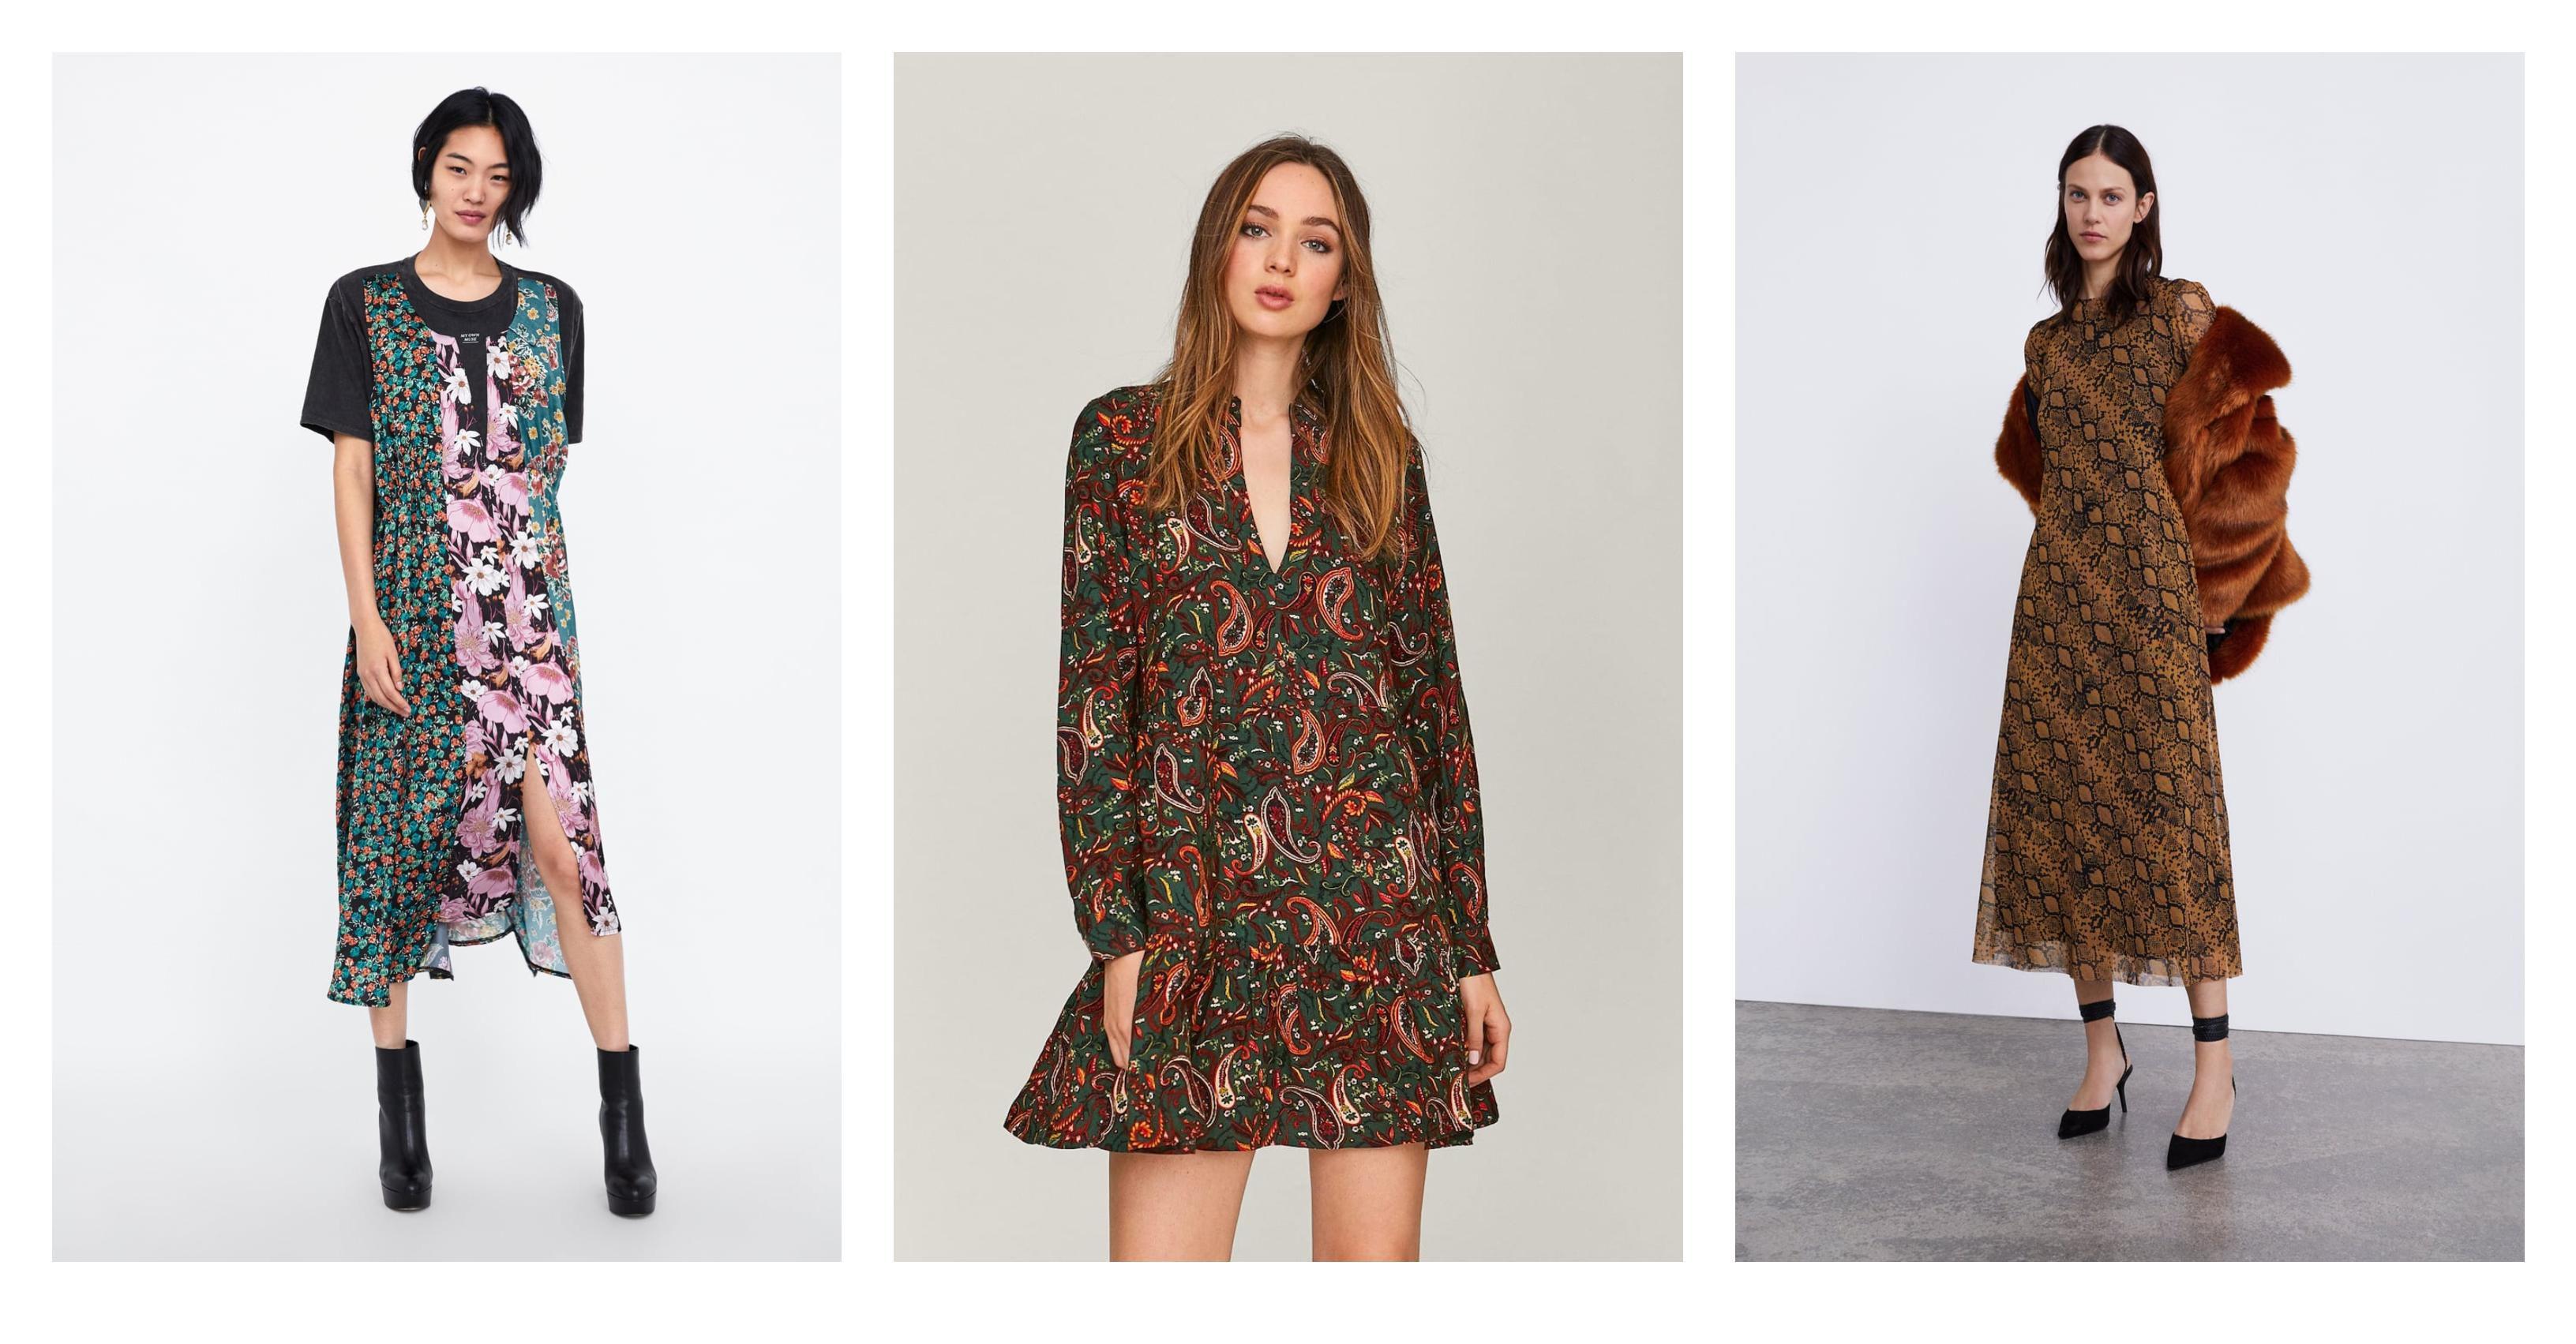 Tražite idealnu haljinu? Pronašli smo super modele iz high street trgovina do 199 kuna